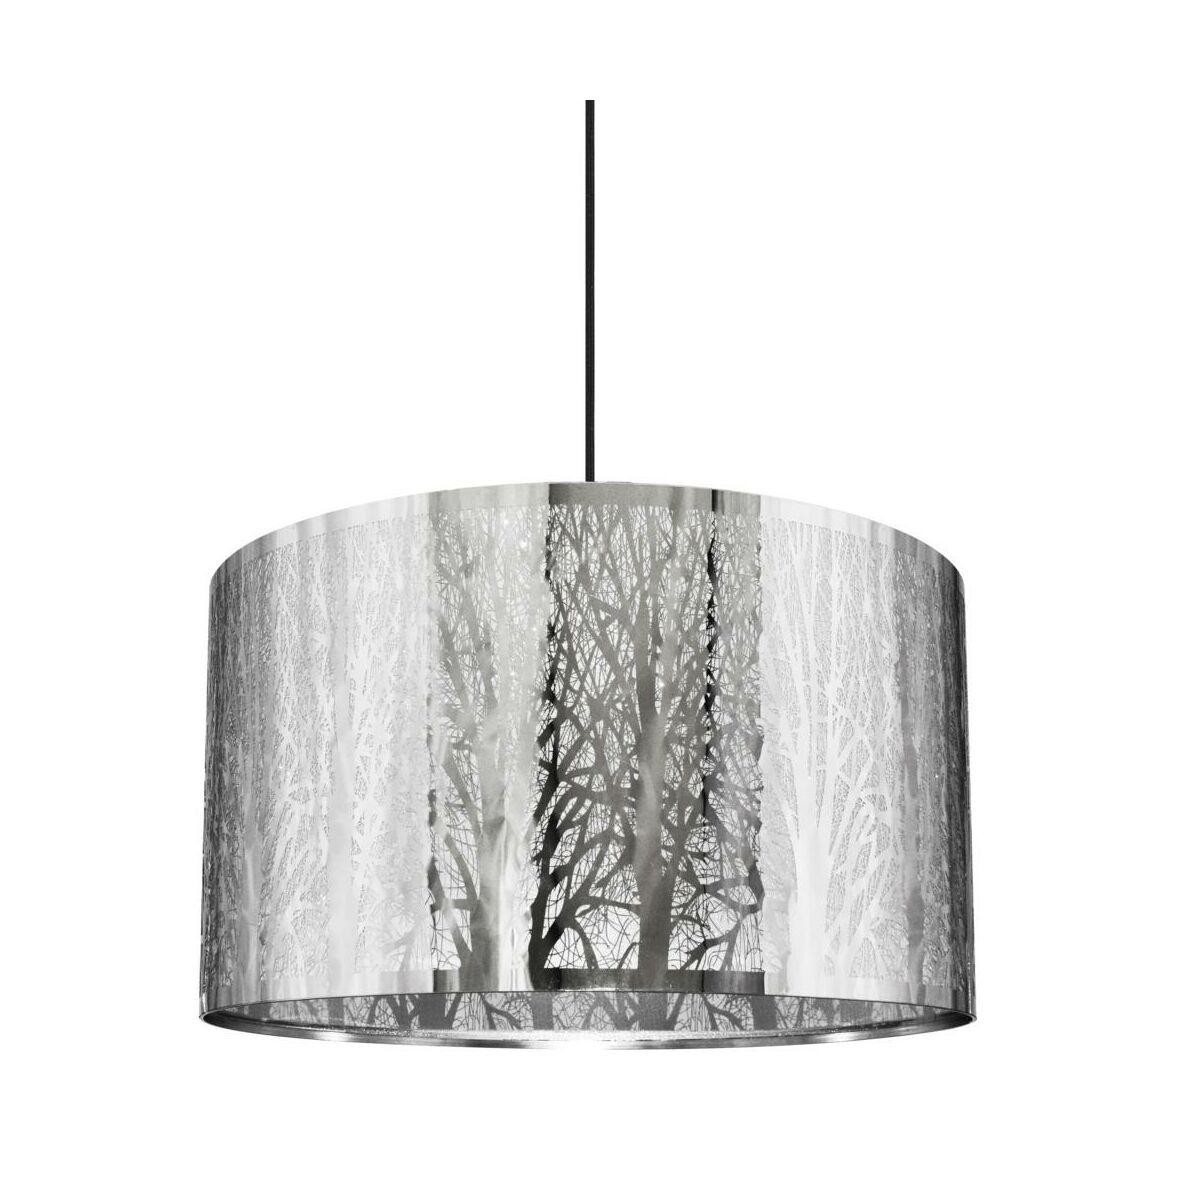 Lampa wisząca FOREST chrom E27 INSPIRE